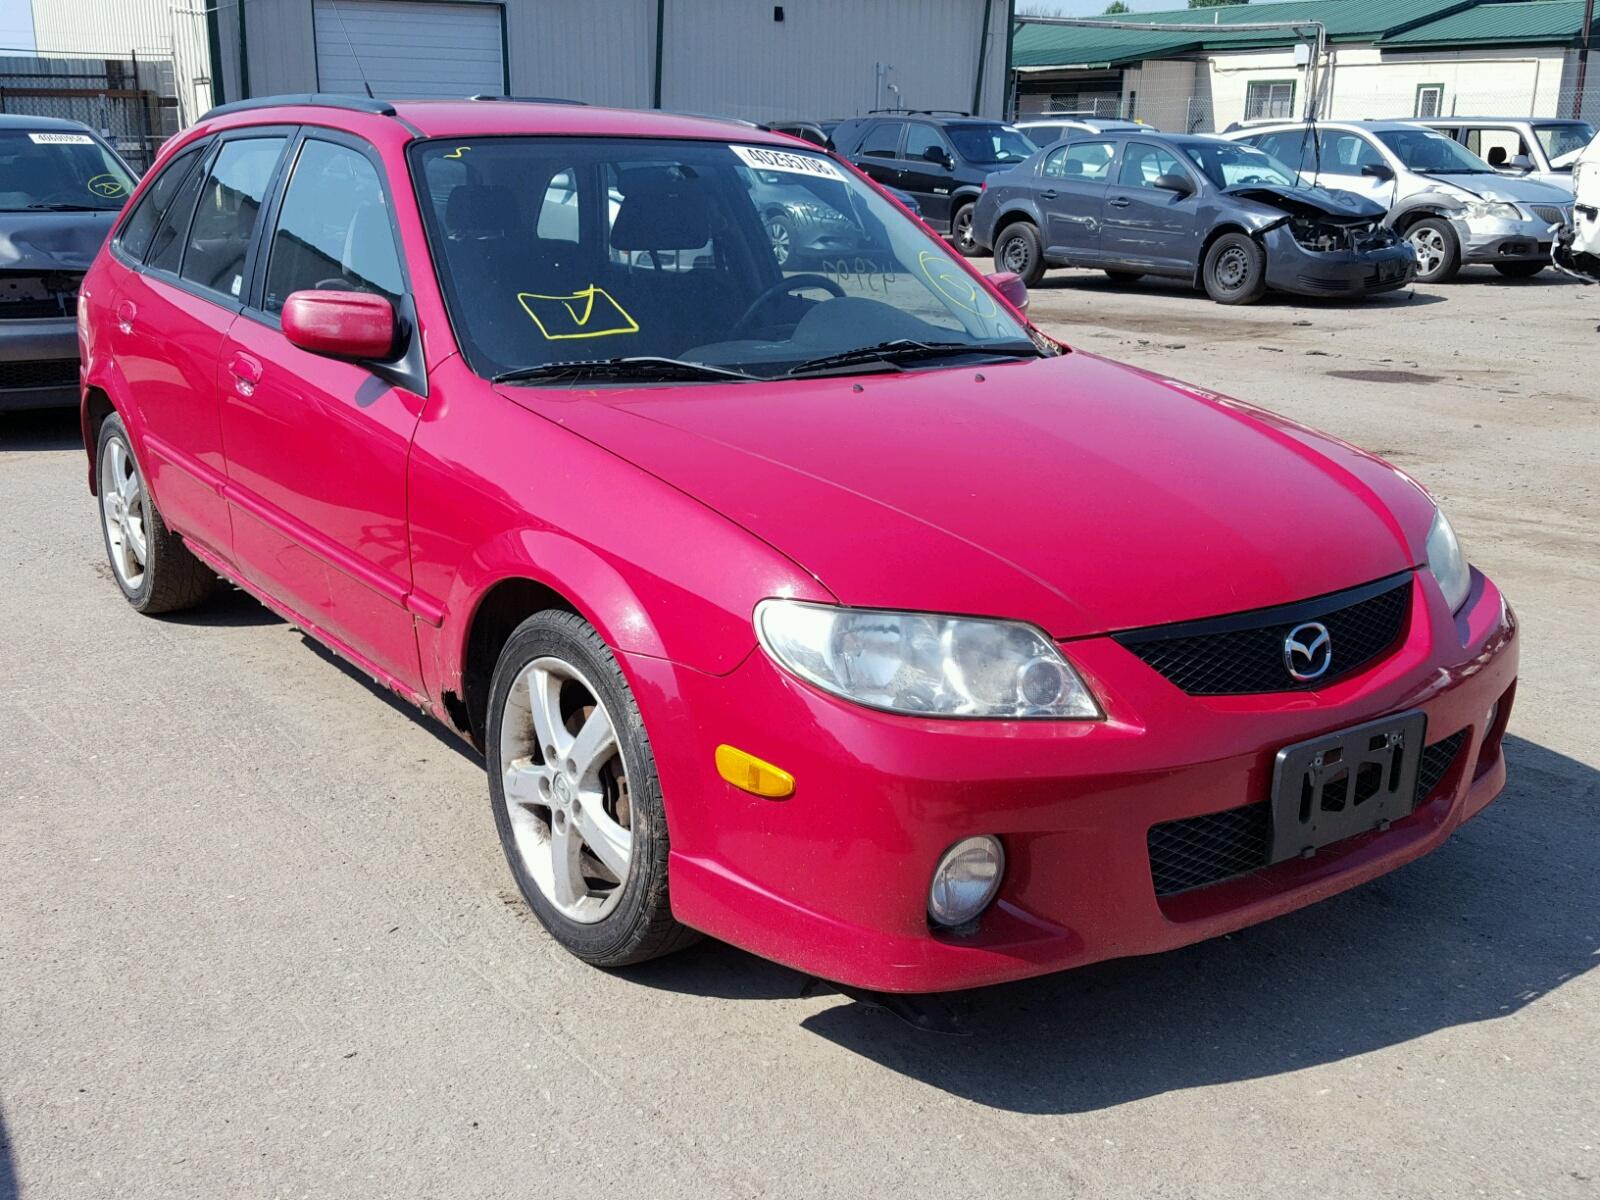 Jm1bj245921594835 2002 Red Mazda Protege Pr On Sale In Mn 5 Wagon 20l Left View